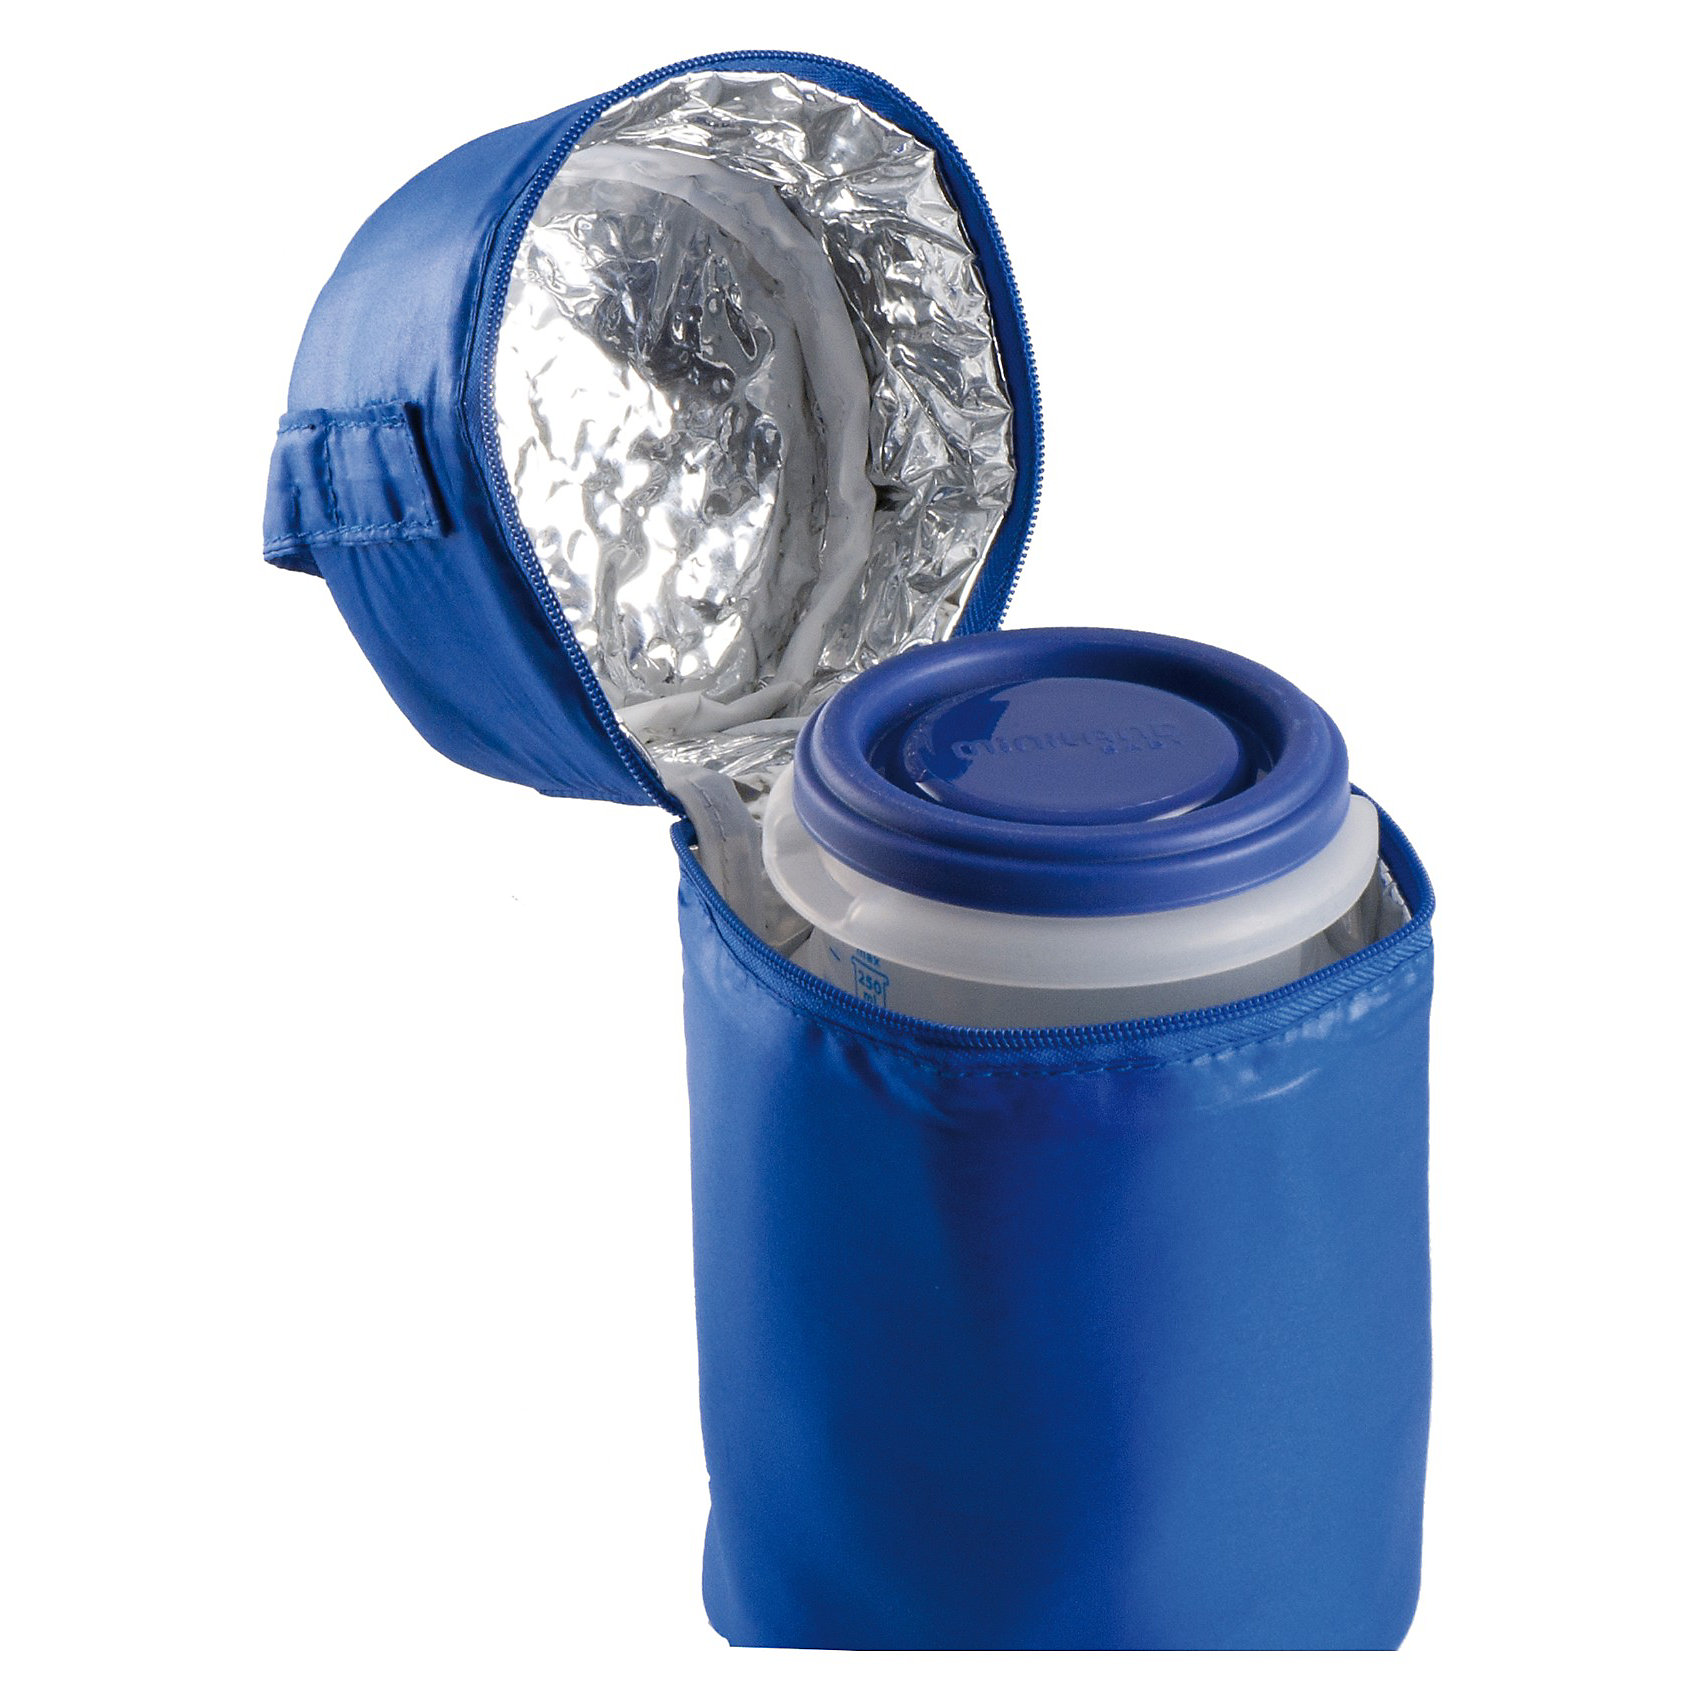 Термосумка с 2-мя мерными стаканчиками, HERMISIZED, синий (Miniland)